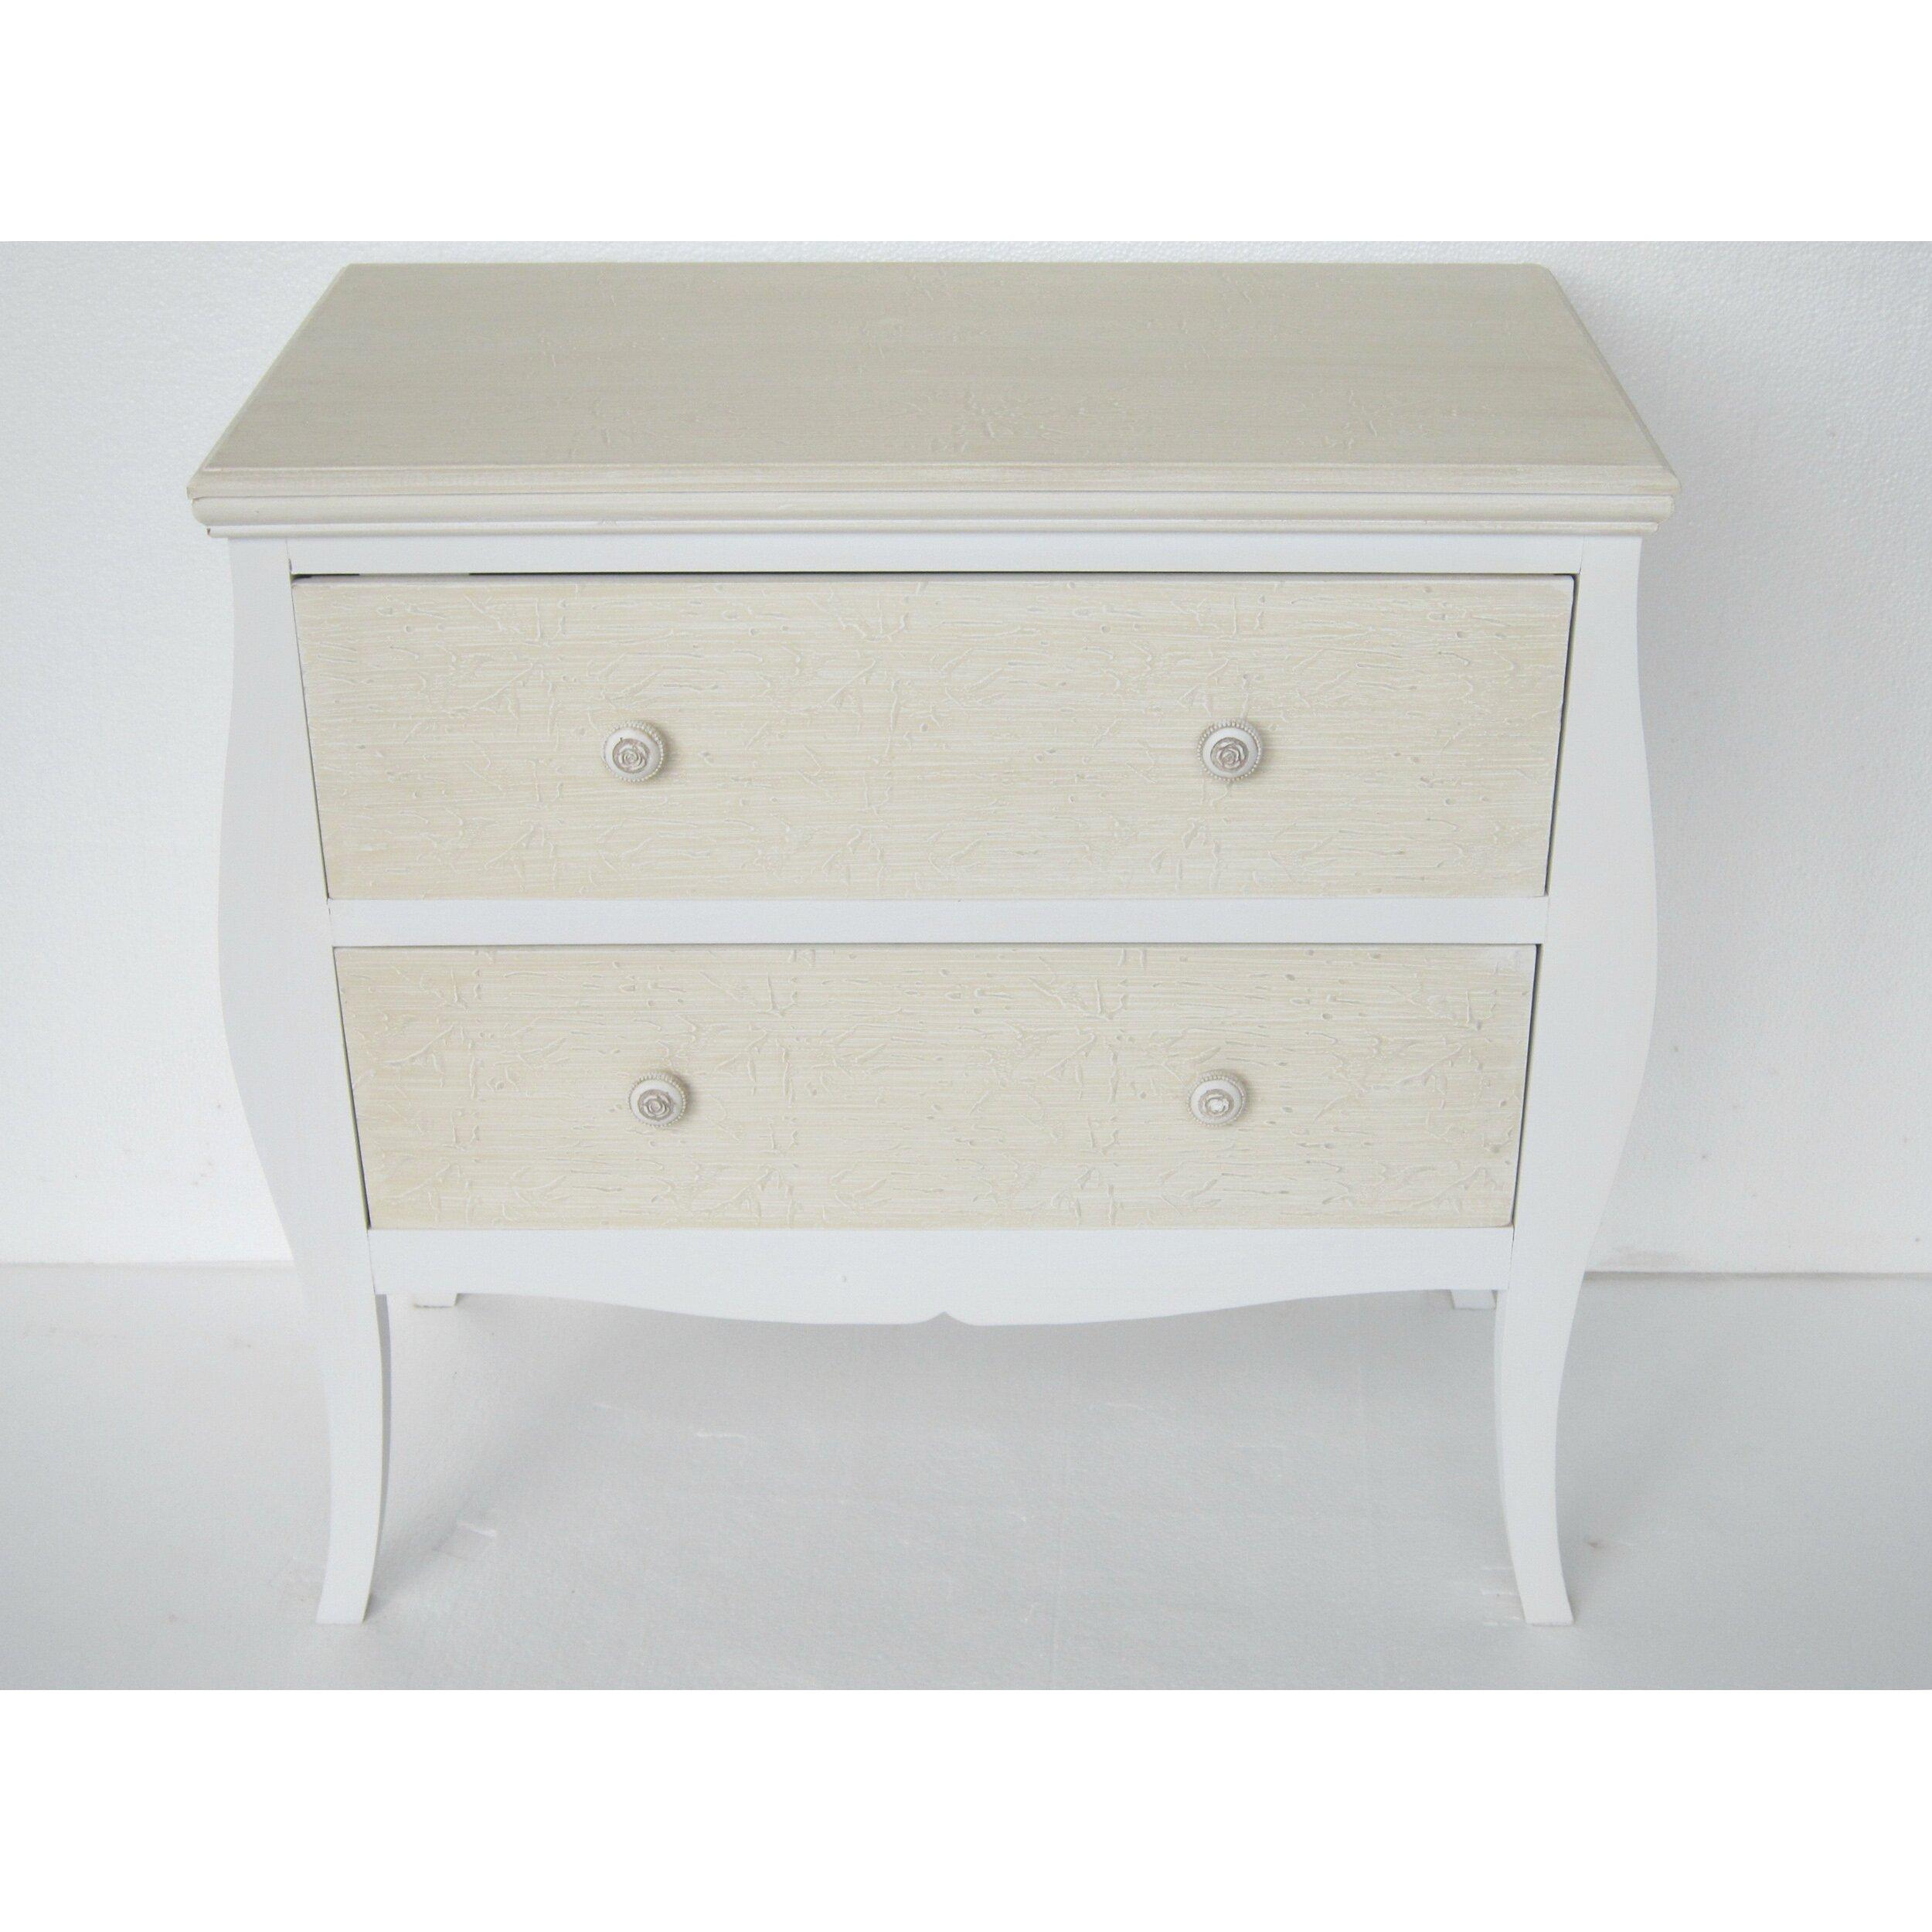 dcor design chest of drawers wayfair uk. Black Bedroom Furniture Sets. Home Design Ideas